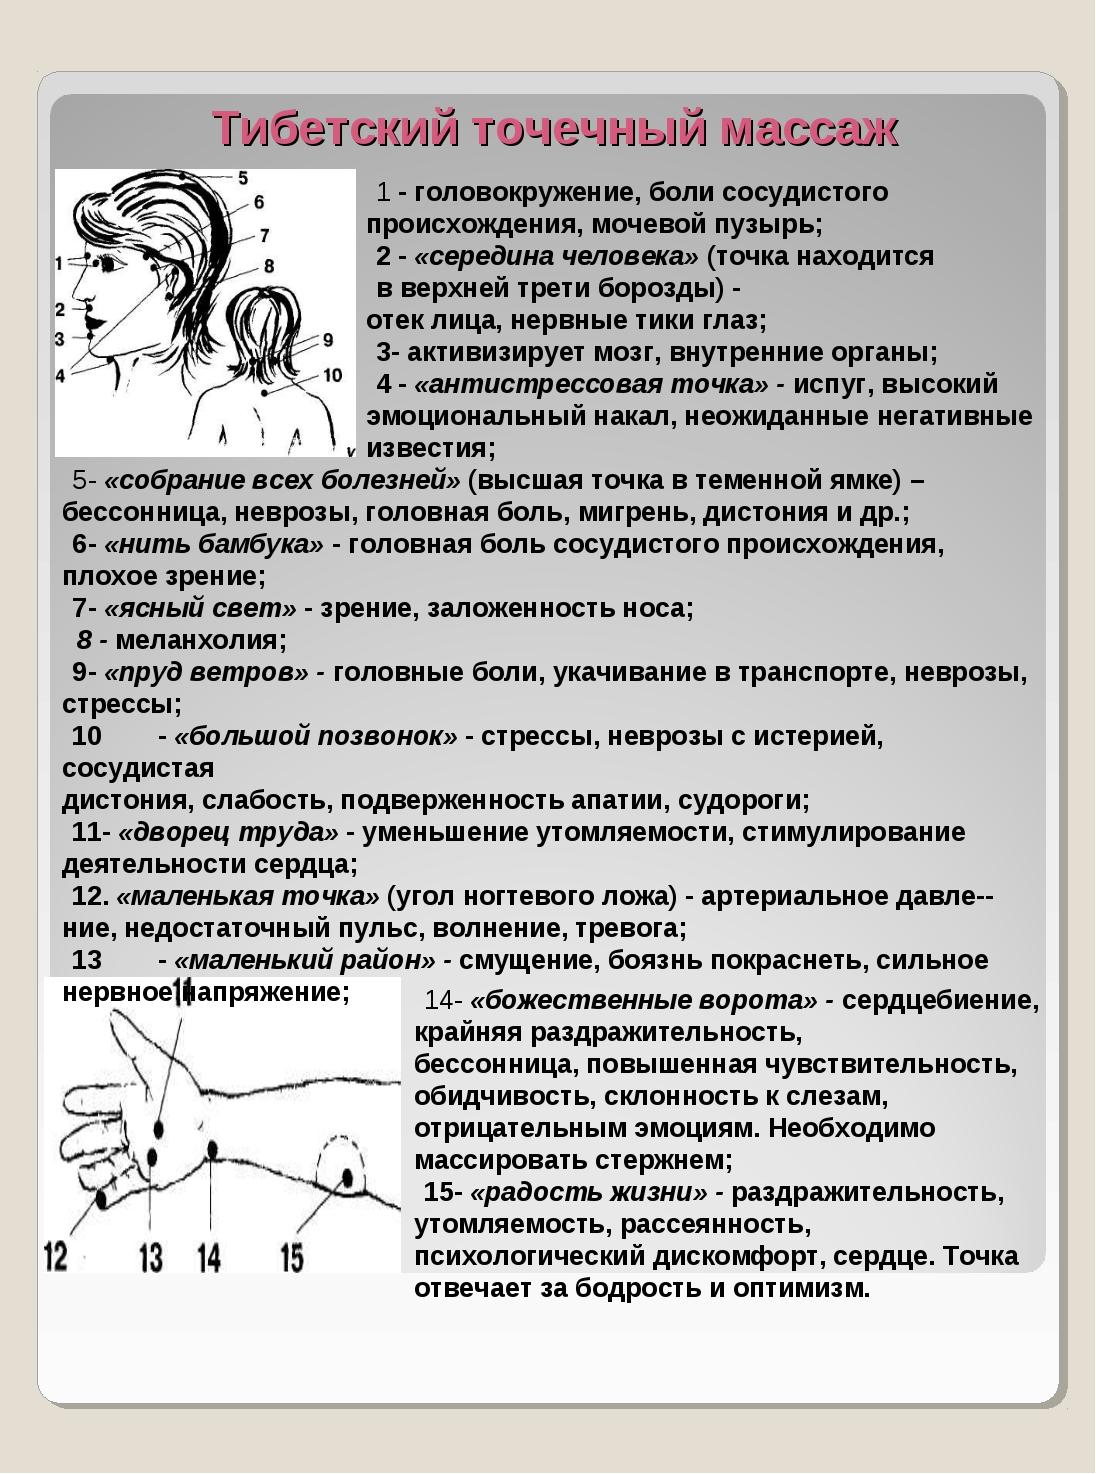 Тибетский точечный массаж 5- «собрание всех болезней» (высшая точка в теменн...